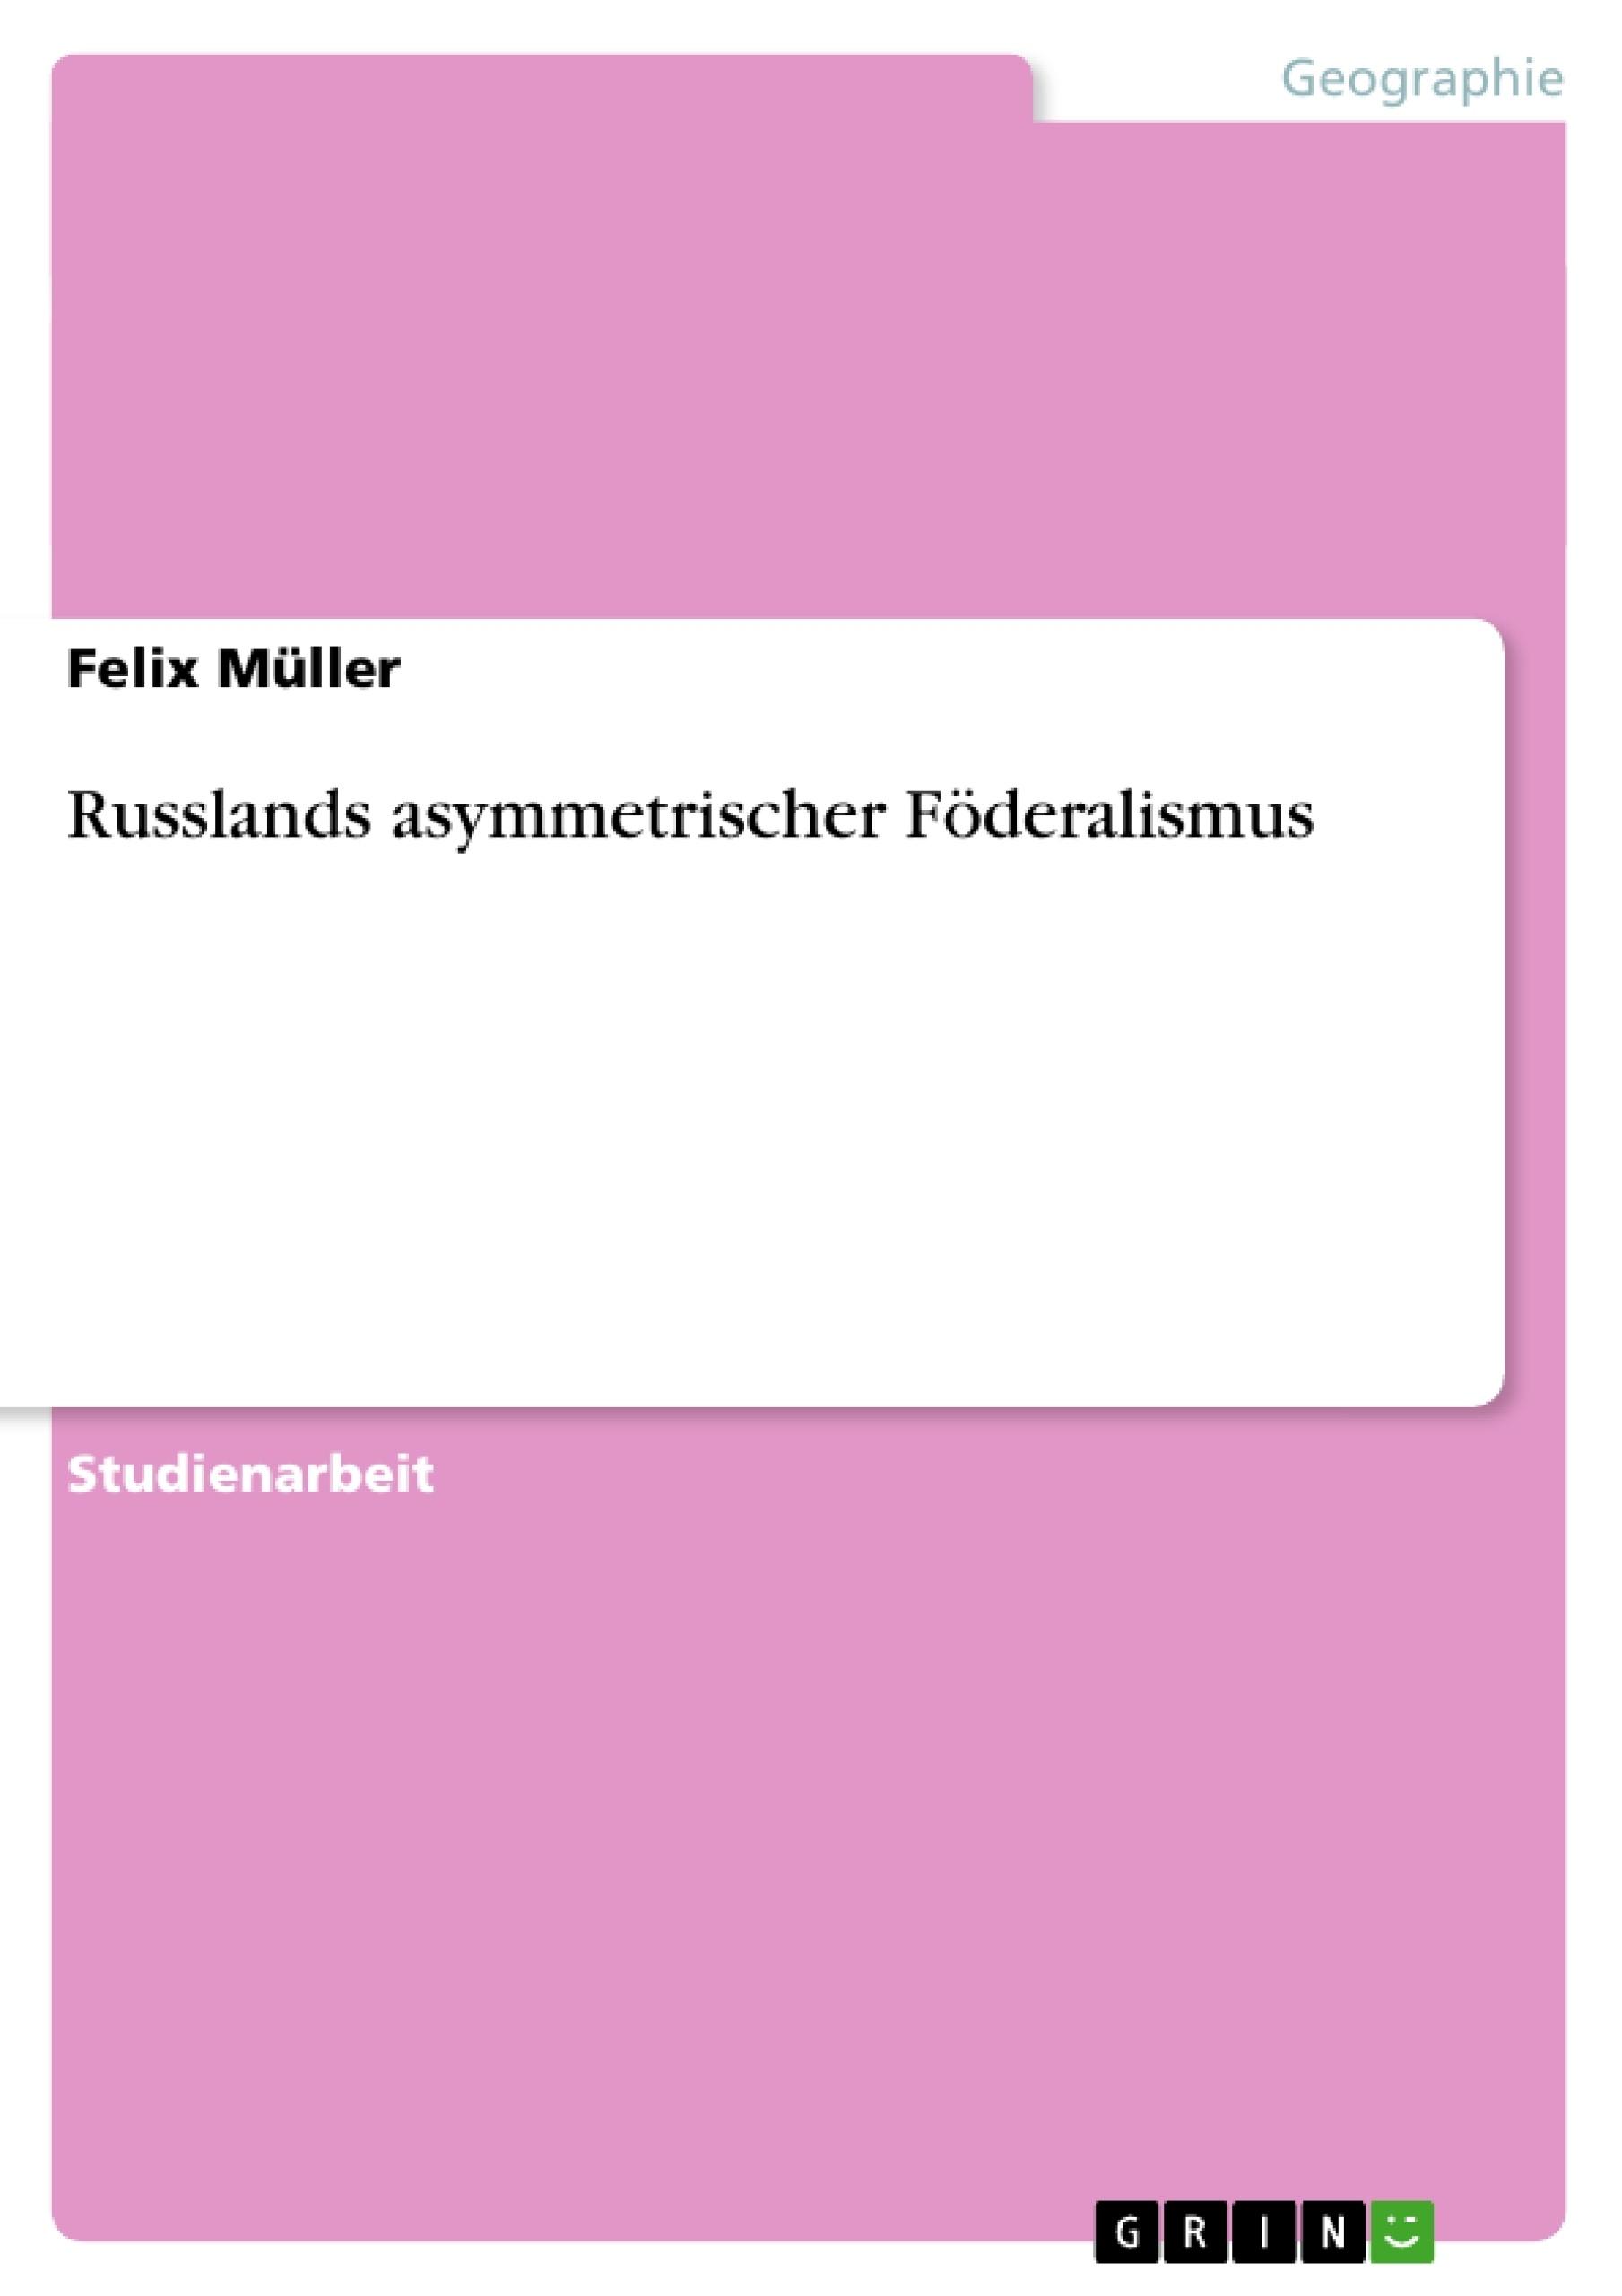 Titel: Russlands asymmetrischer Föderalismus